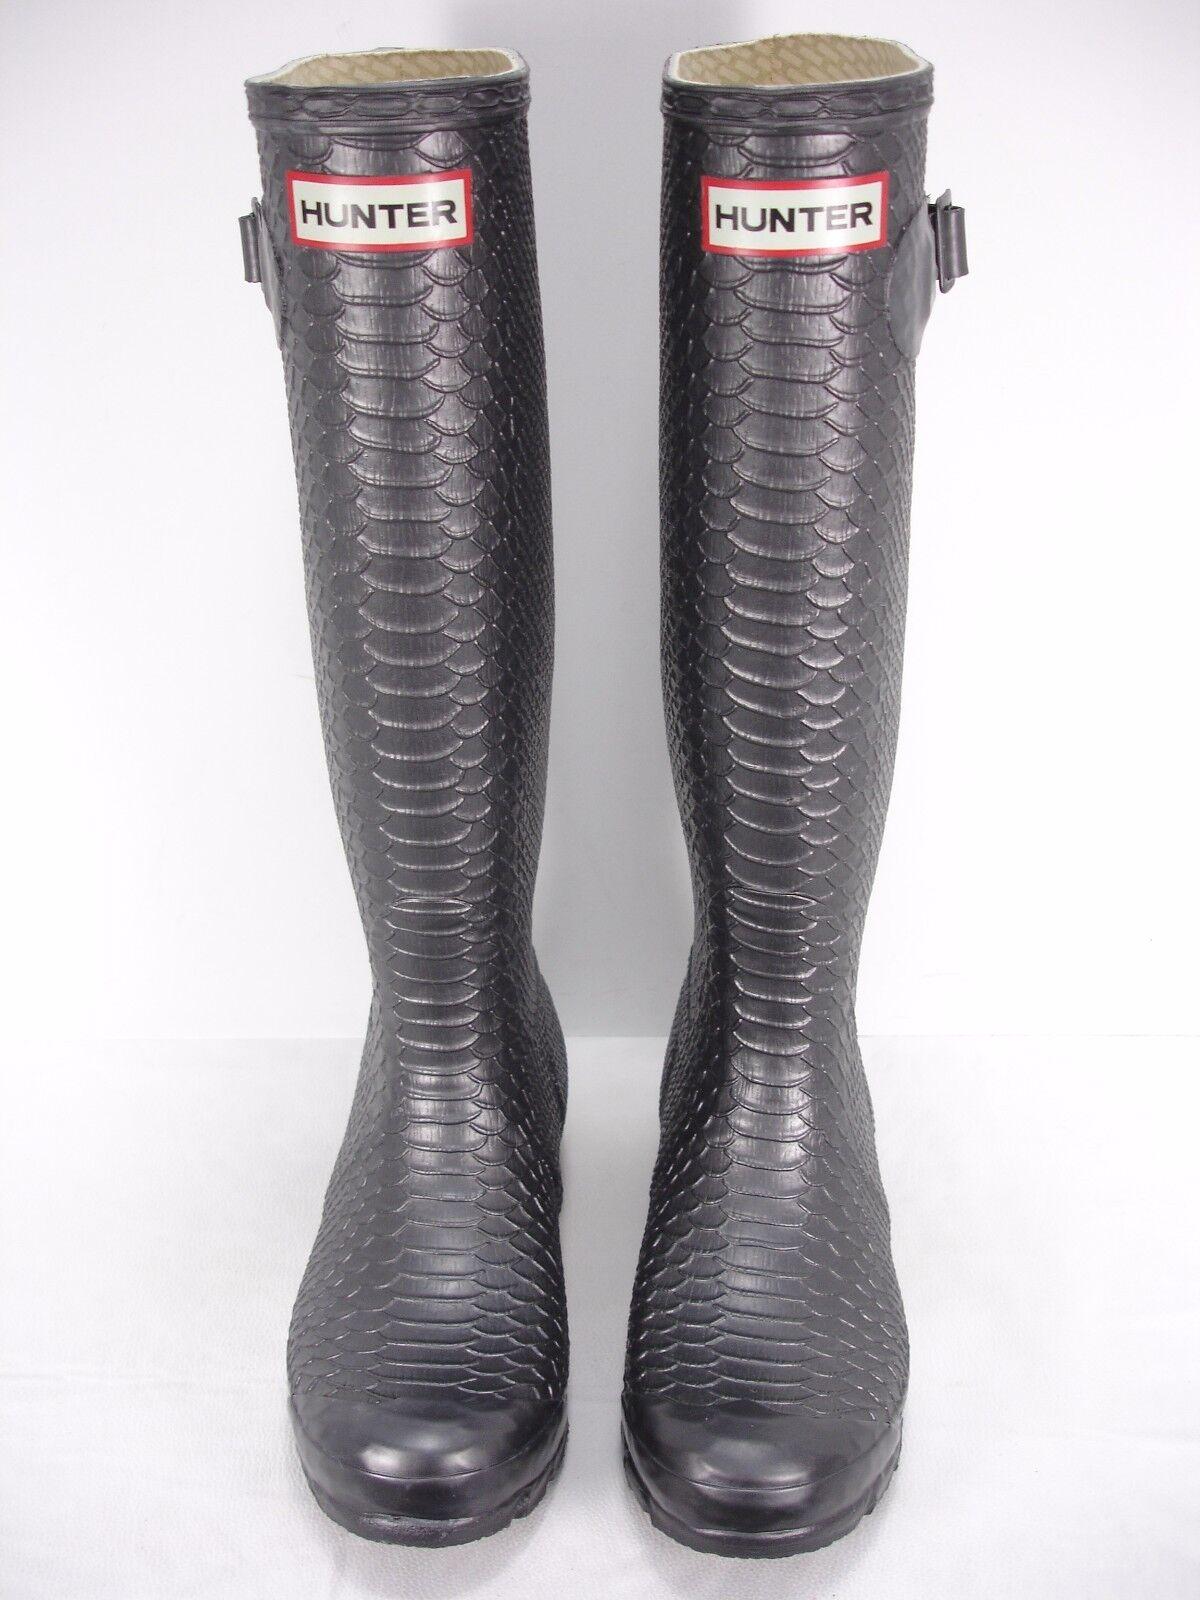 Hunter Carnaby Boa Peltre Serpiente Serpiente Serpiente en Relieve De Alto De Goma Botas de lluvia para mujer 5 64bd25